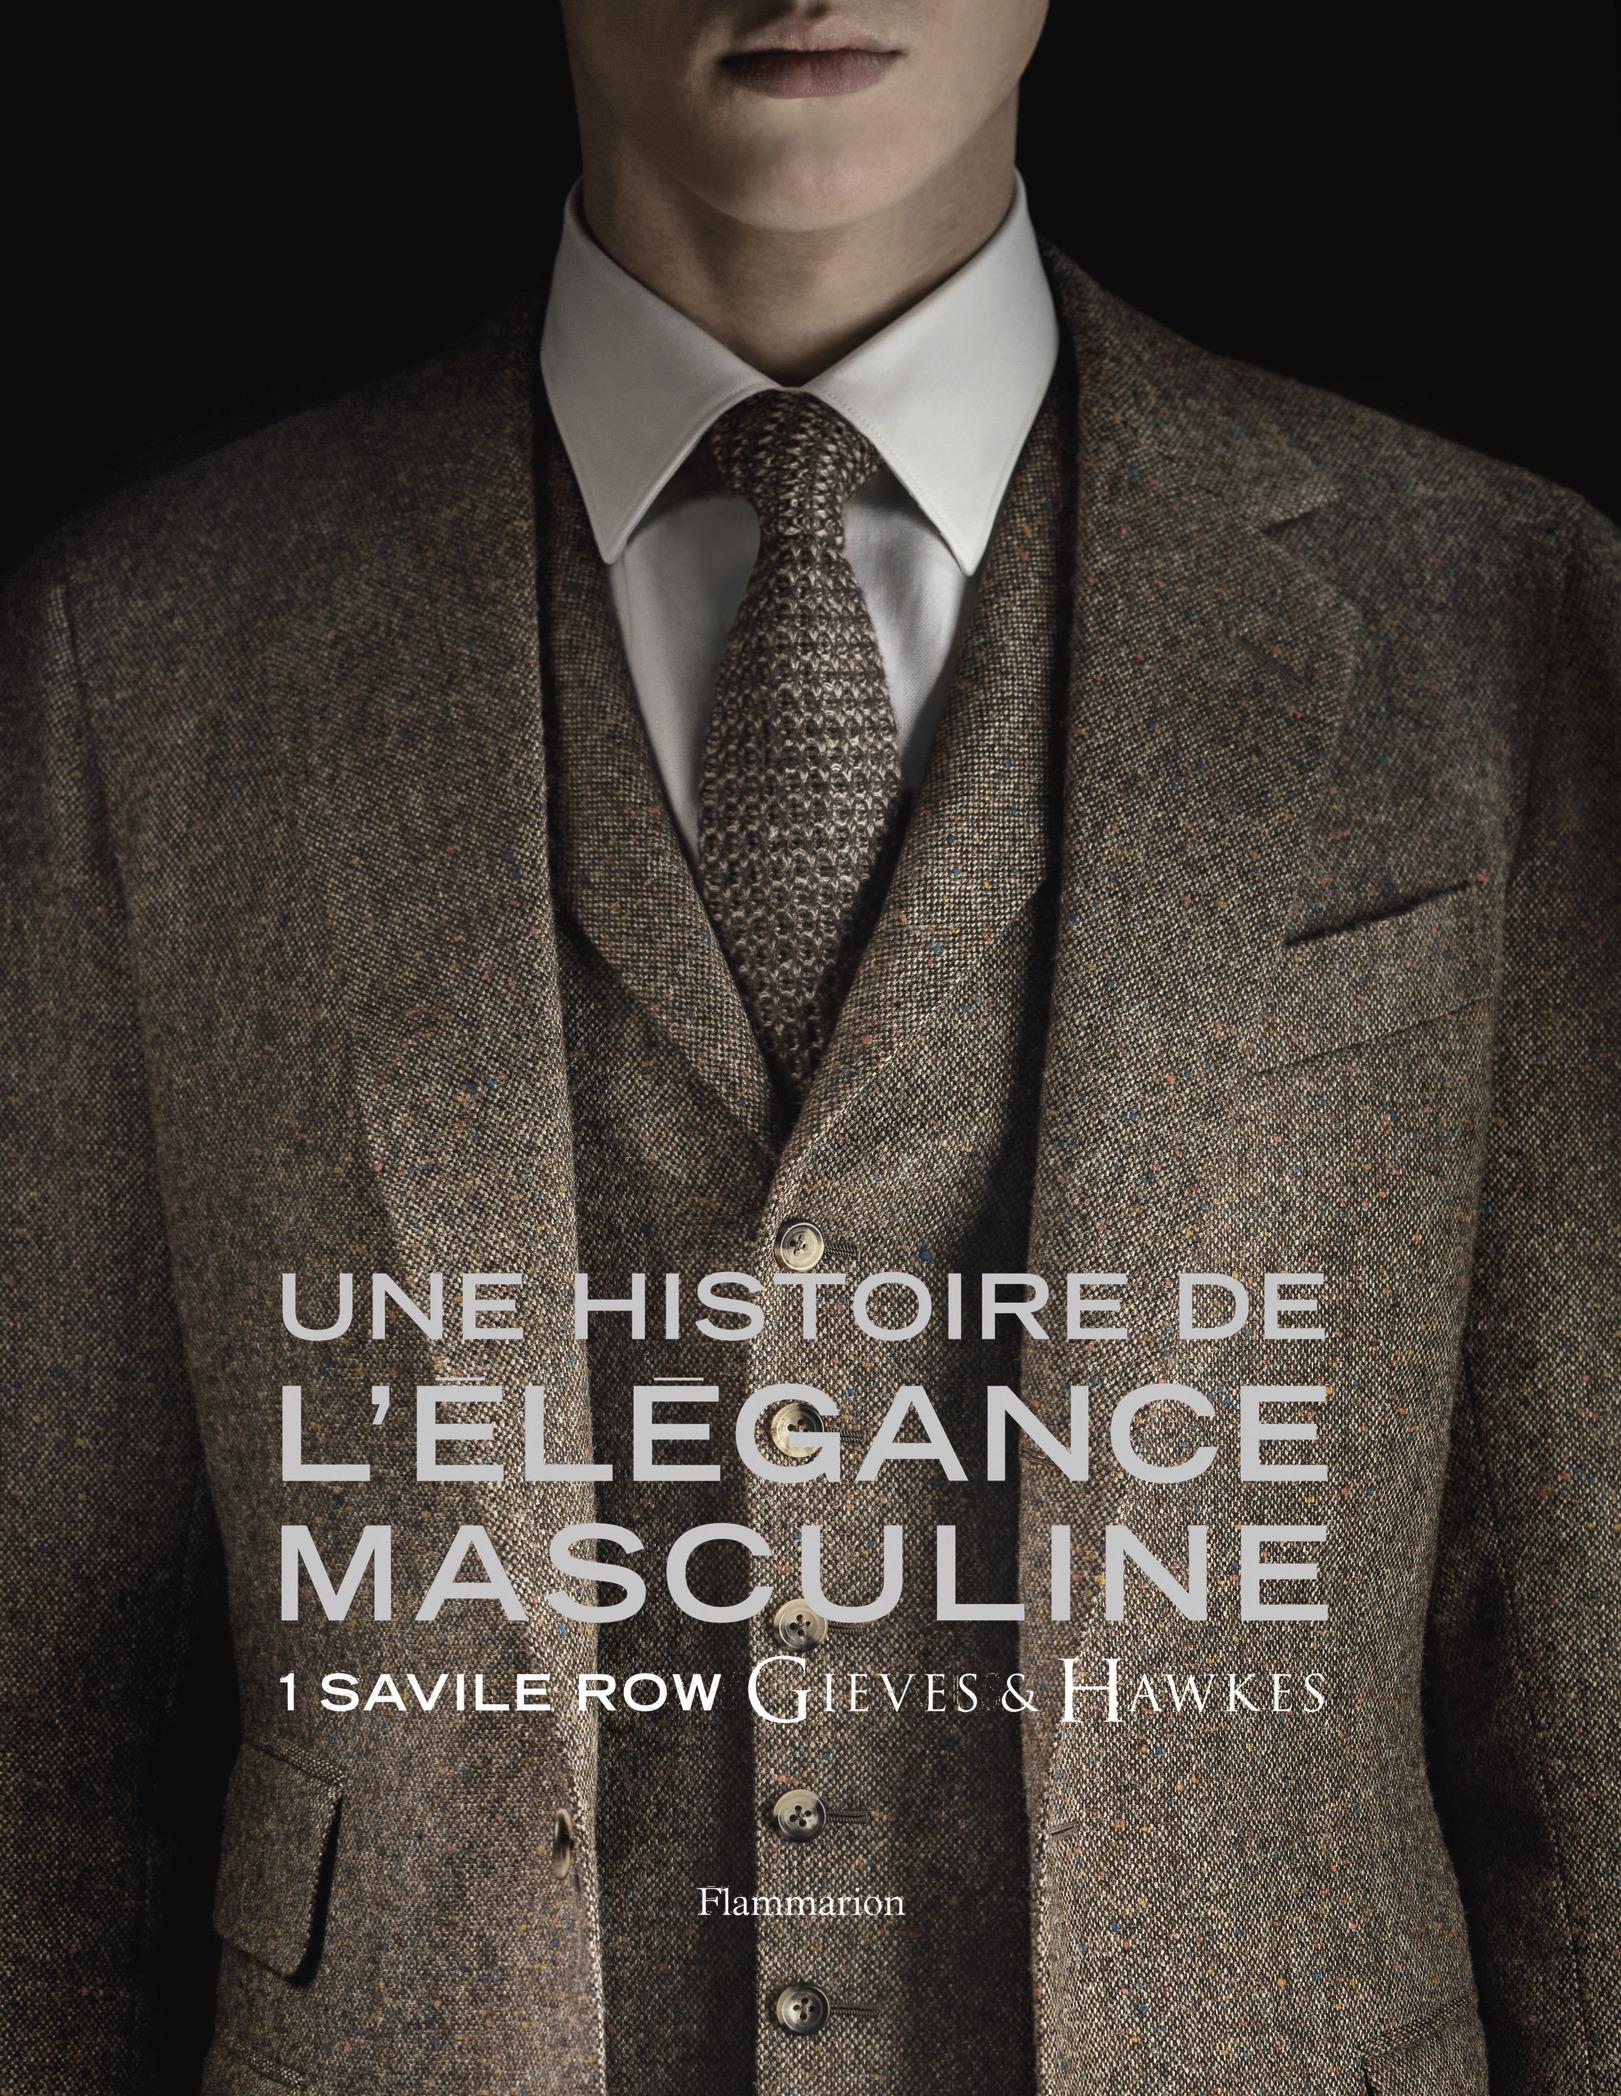 UNE HISTOIRE DE L'ELEGANCE MASCULINE